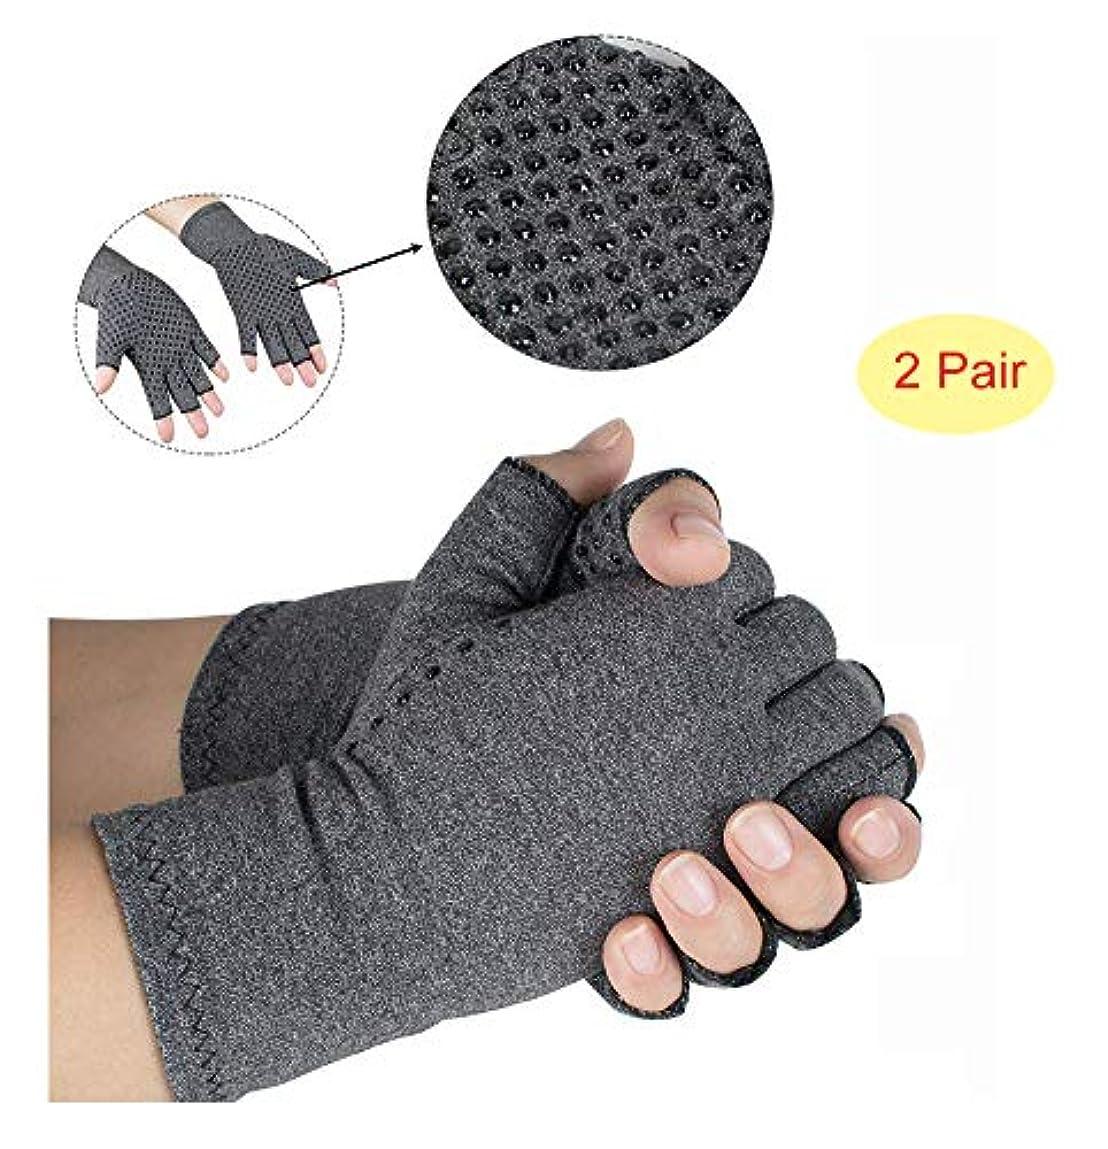 立方体または信頼できる関節炎手袋、灰色の滑り止め、毎日の仕事、手と関節の痛みの軽減のための抗関節炎の健康療法の圧縮手袋,2Pair,L